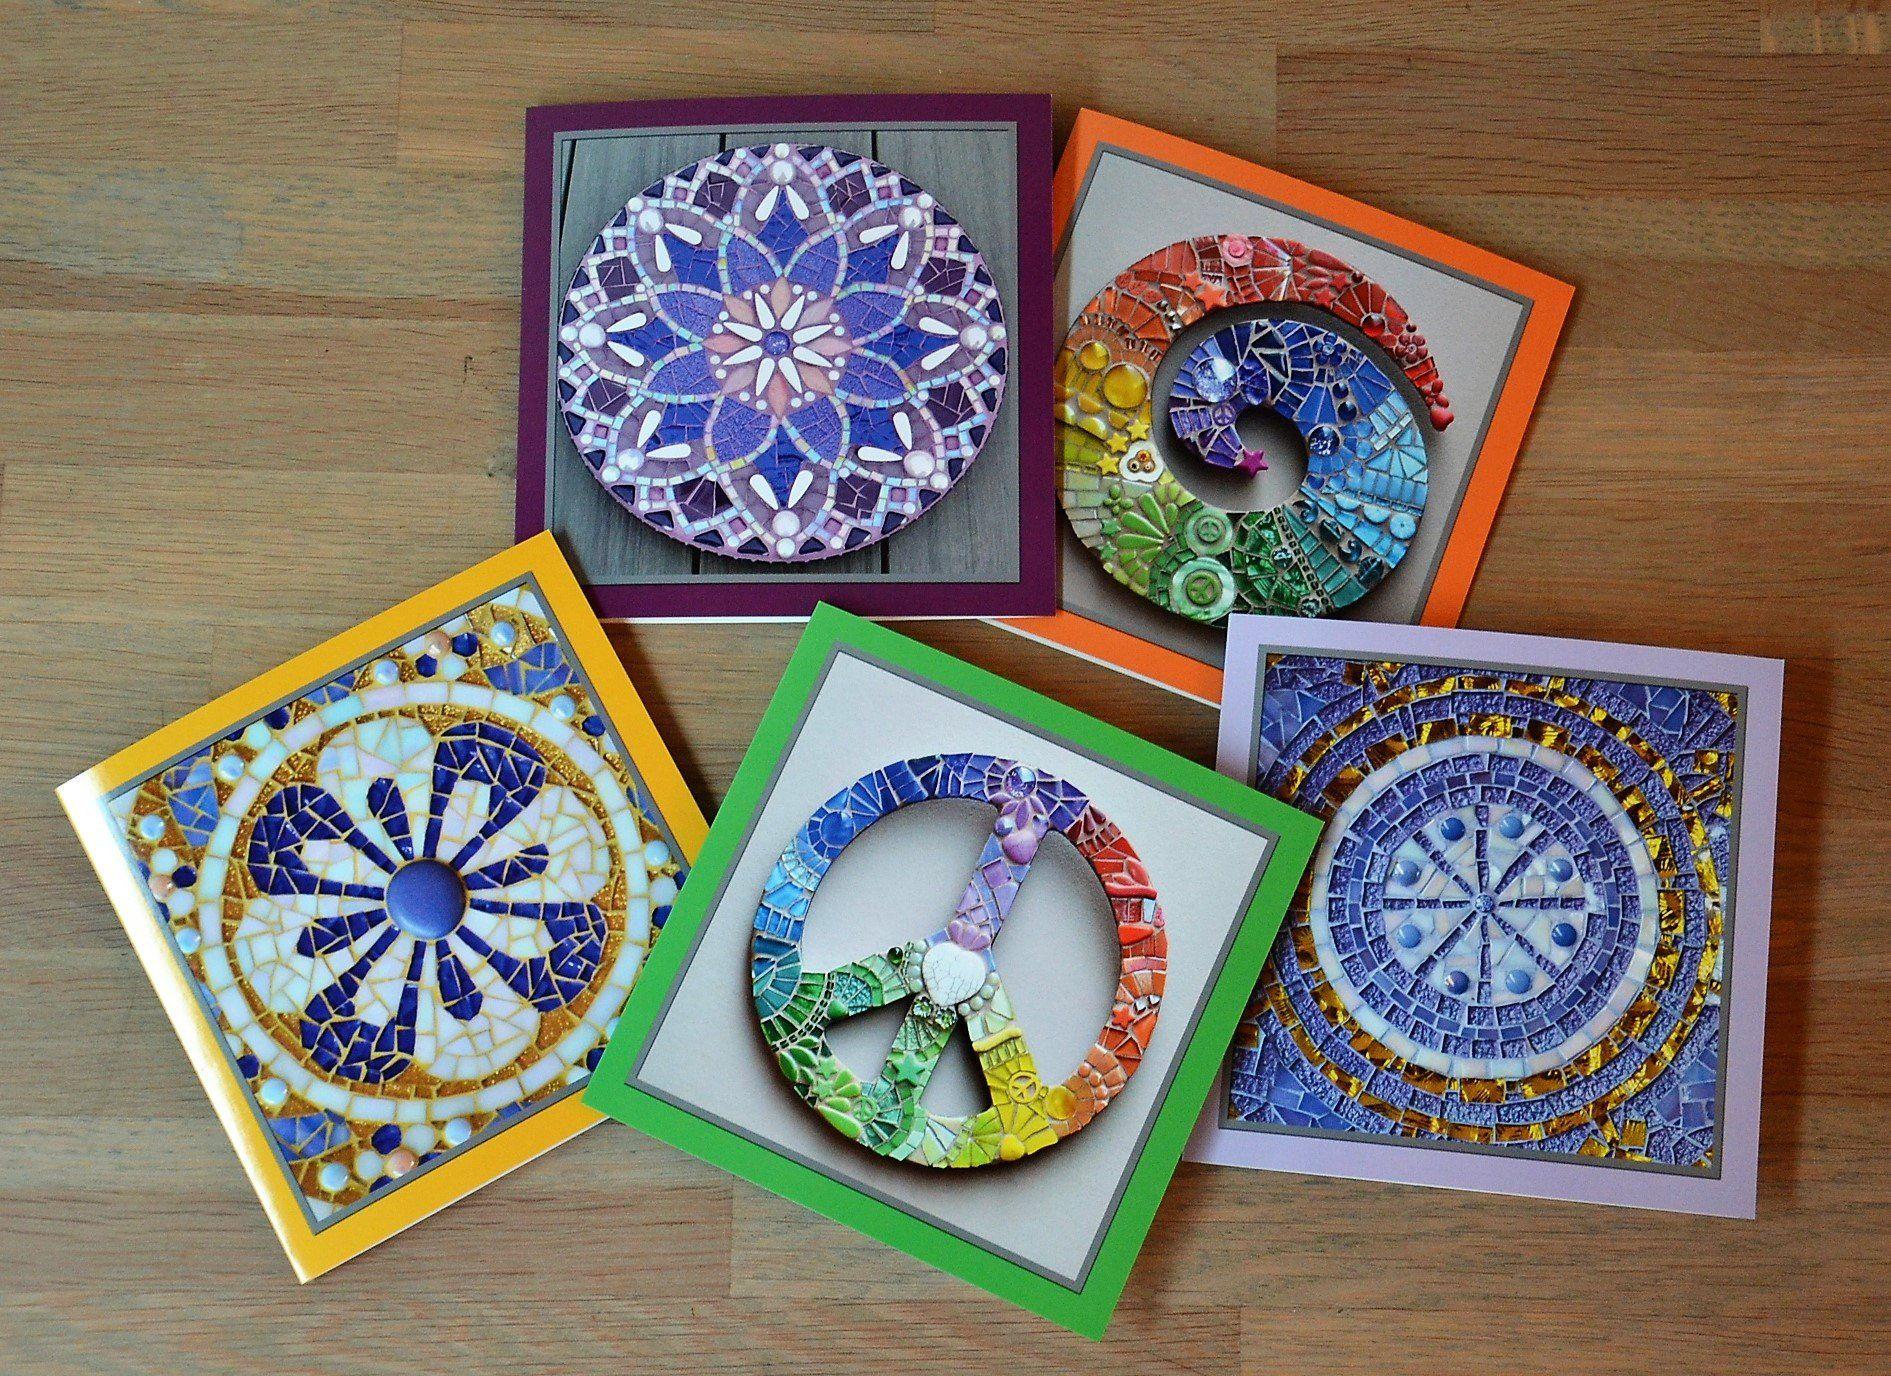 Greeting Cards Mosaic Design Set Of 5 Mosaic Designs Greeting Cards Mosaic